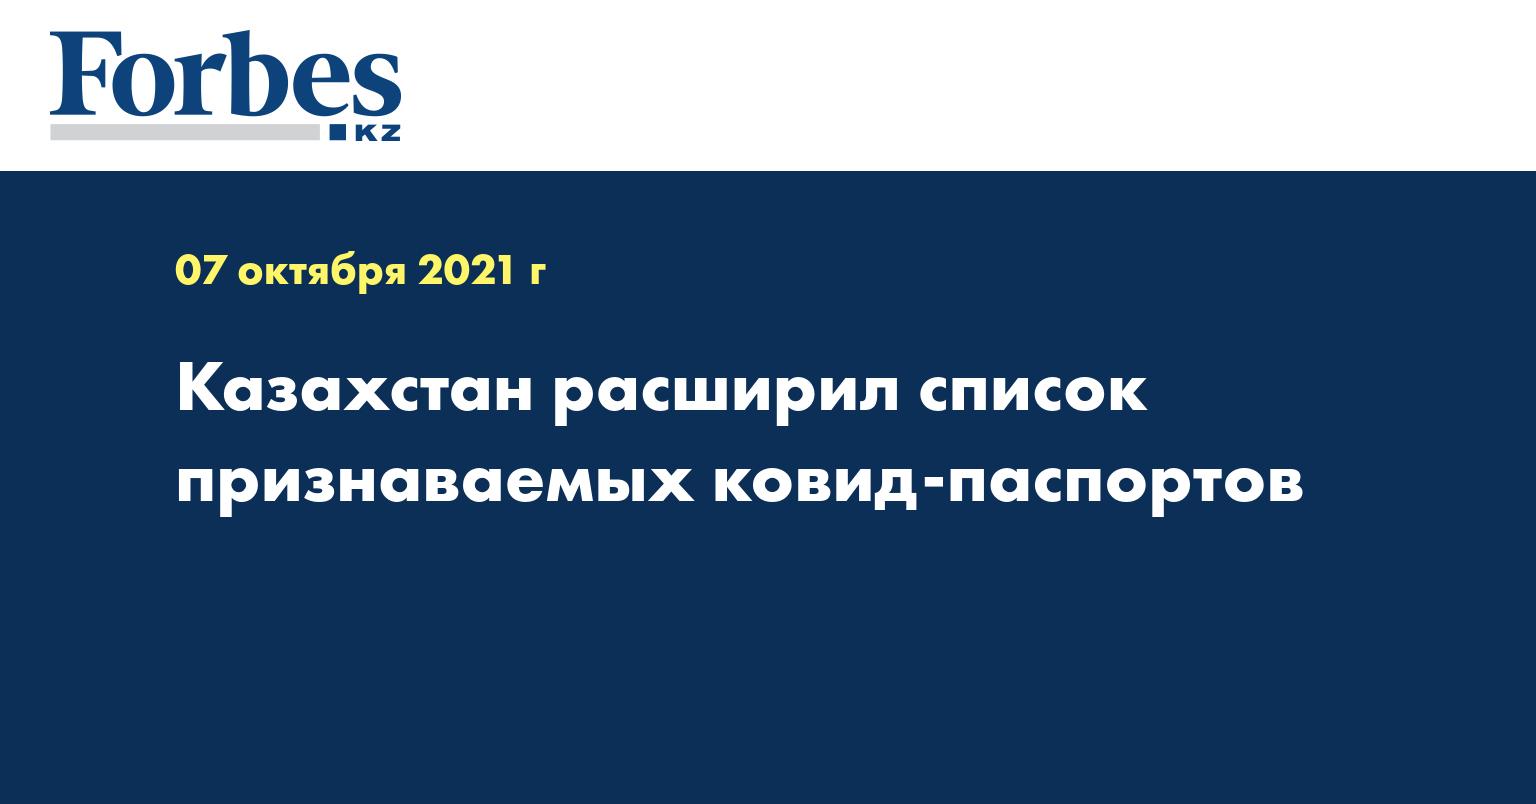 Казахстан расширил список признаваемых ковид-паспортов